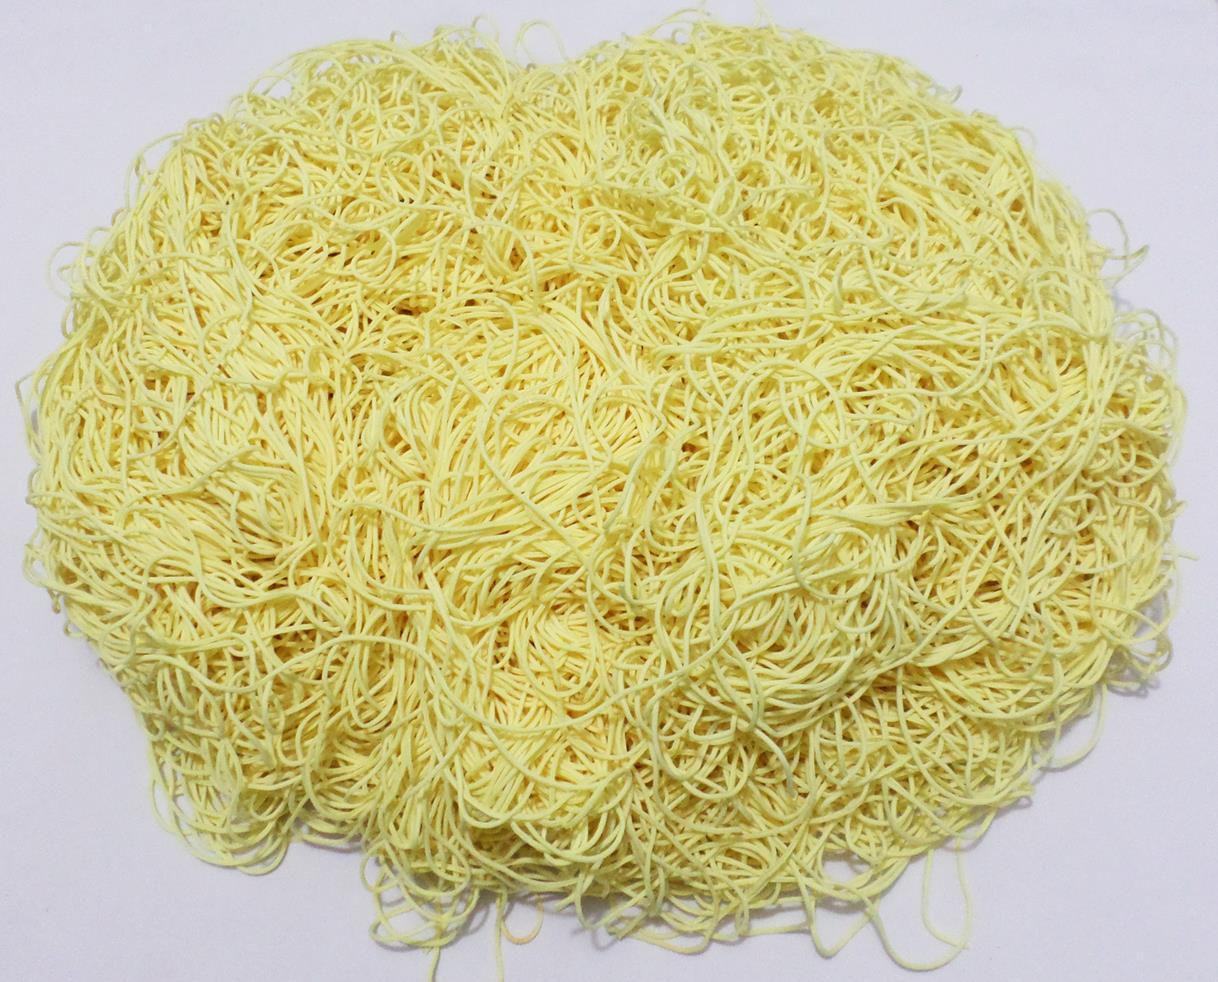 Tira de Macarrão/Espaguete 900g Amarelo Claro  - Bastex Artesanatos